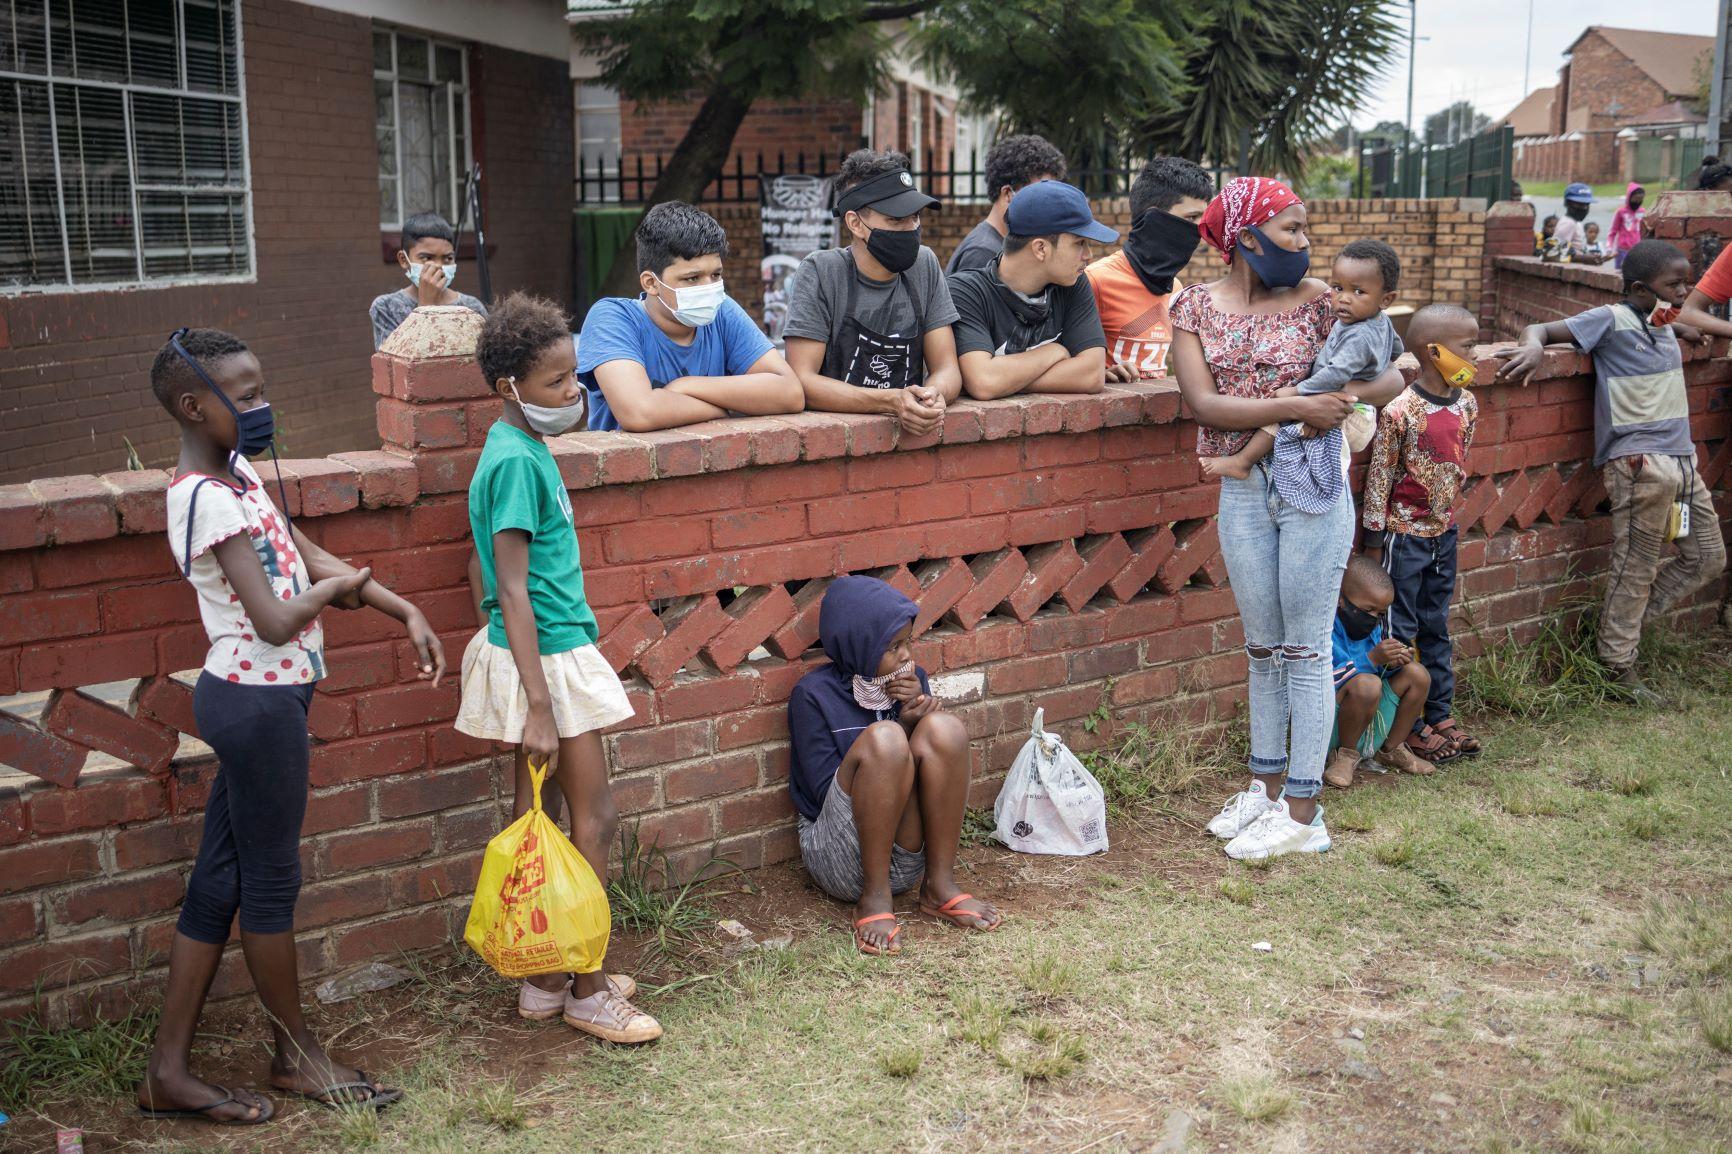 Crianças e adolescentes em fila para receber comida em Johannesburgo, África do Sul: pandemia aumento em 40% número de pessoas em insegurança alimentar aguda (Foto: Michele Spatari / AFP - 26/02/2021)